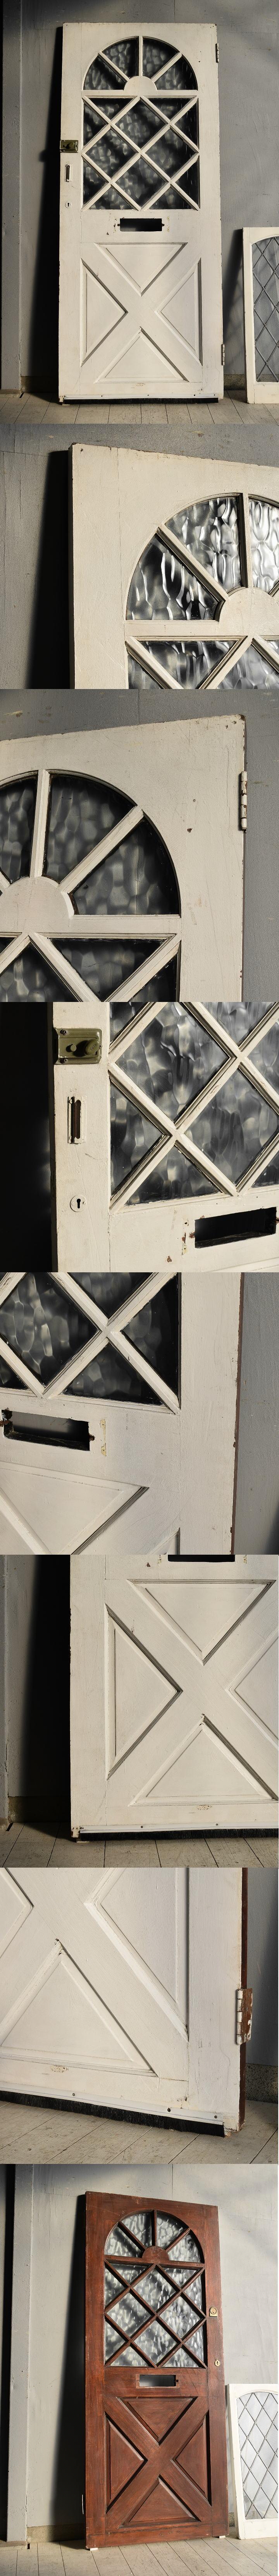 イギリス アンティーク ガラス ドア 扉 ディスプレイ 建具 7645